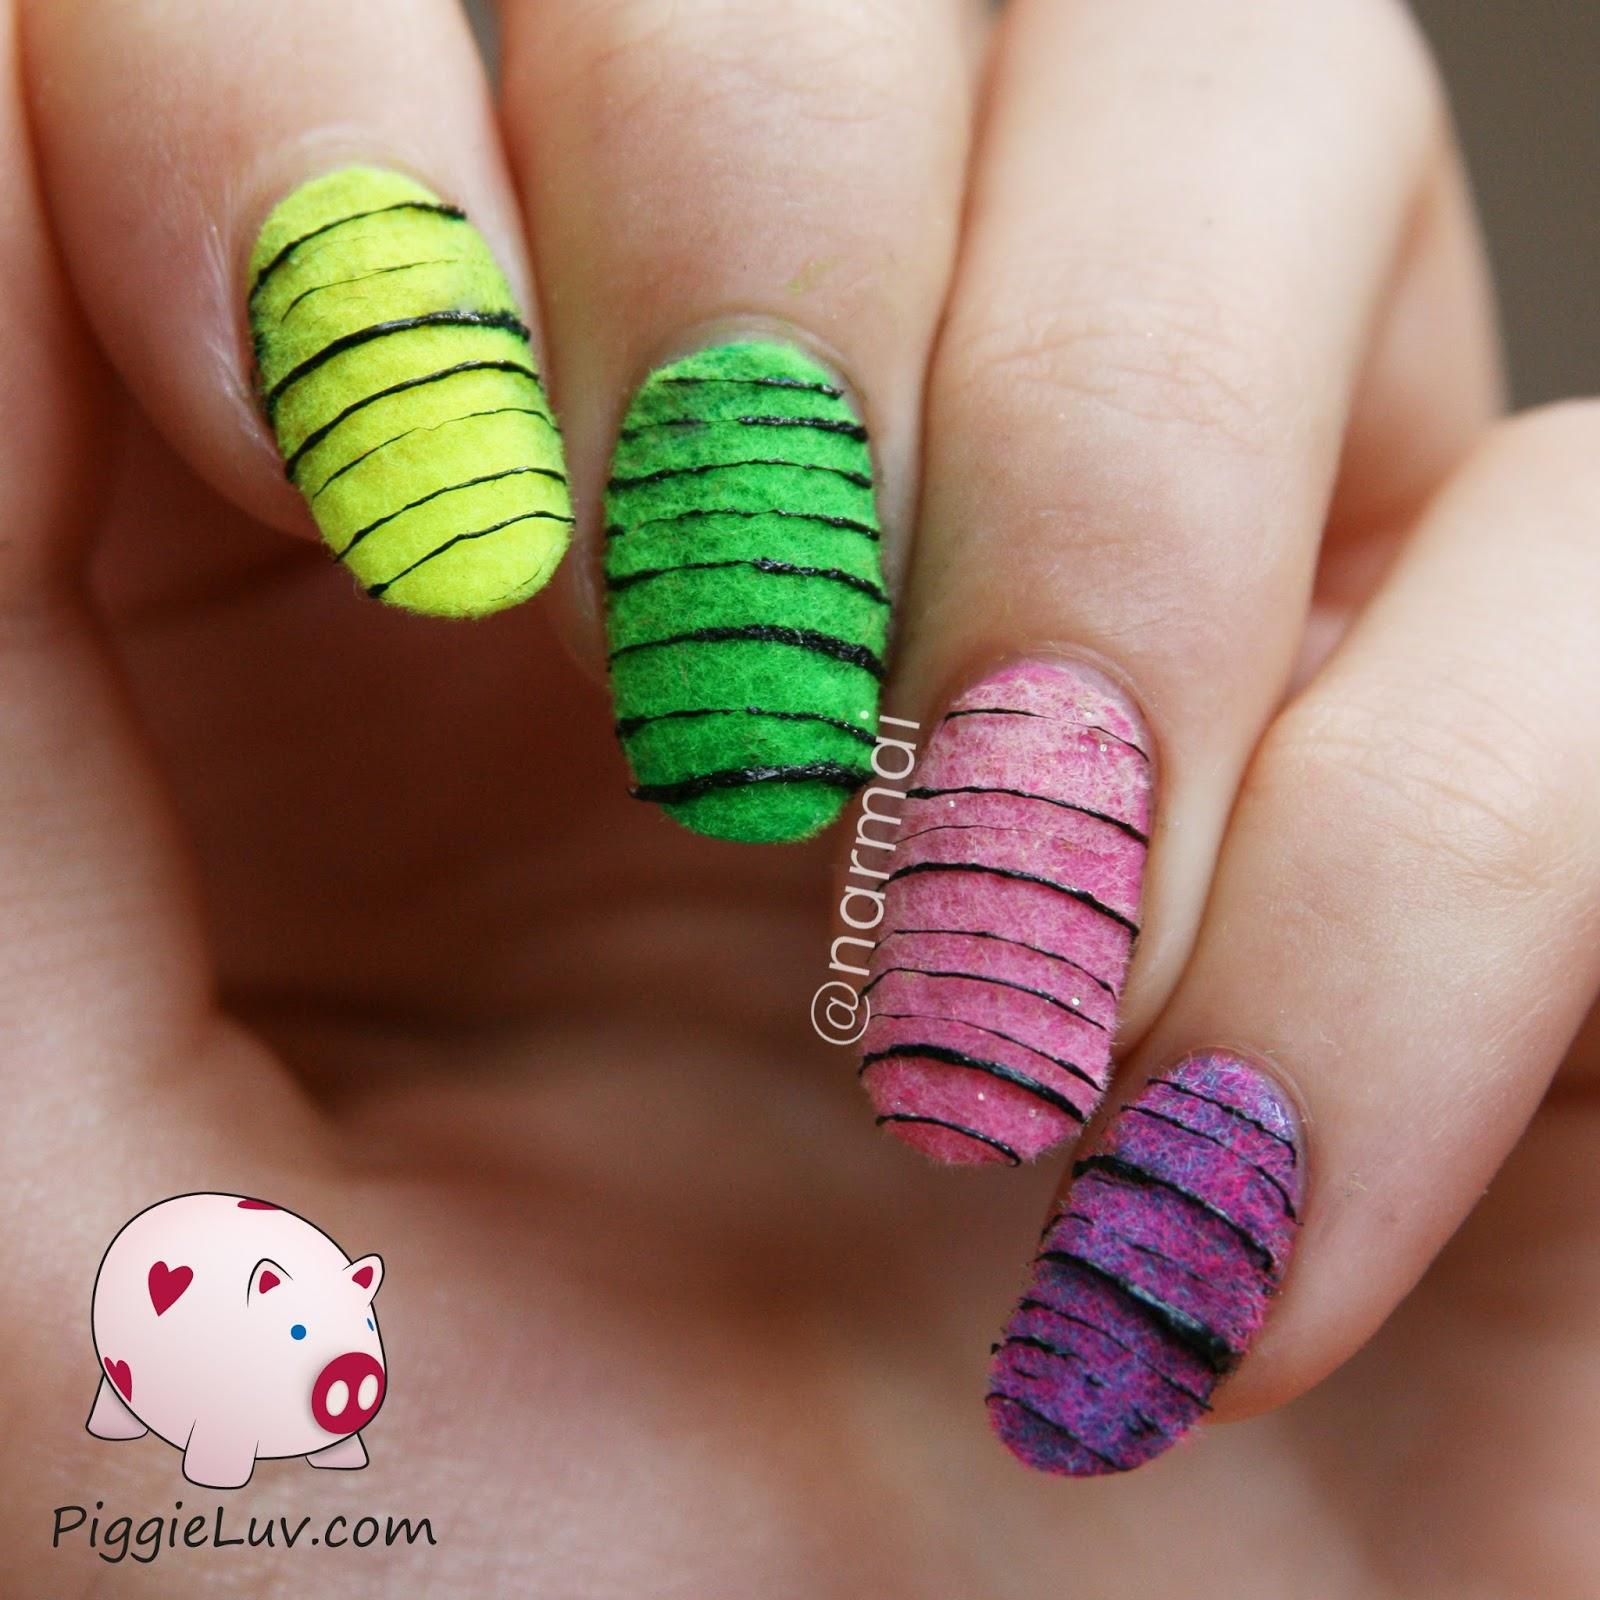 PiggieLuv: Sugar spun on top of flocking powder nail art